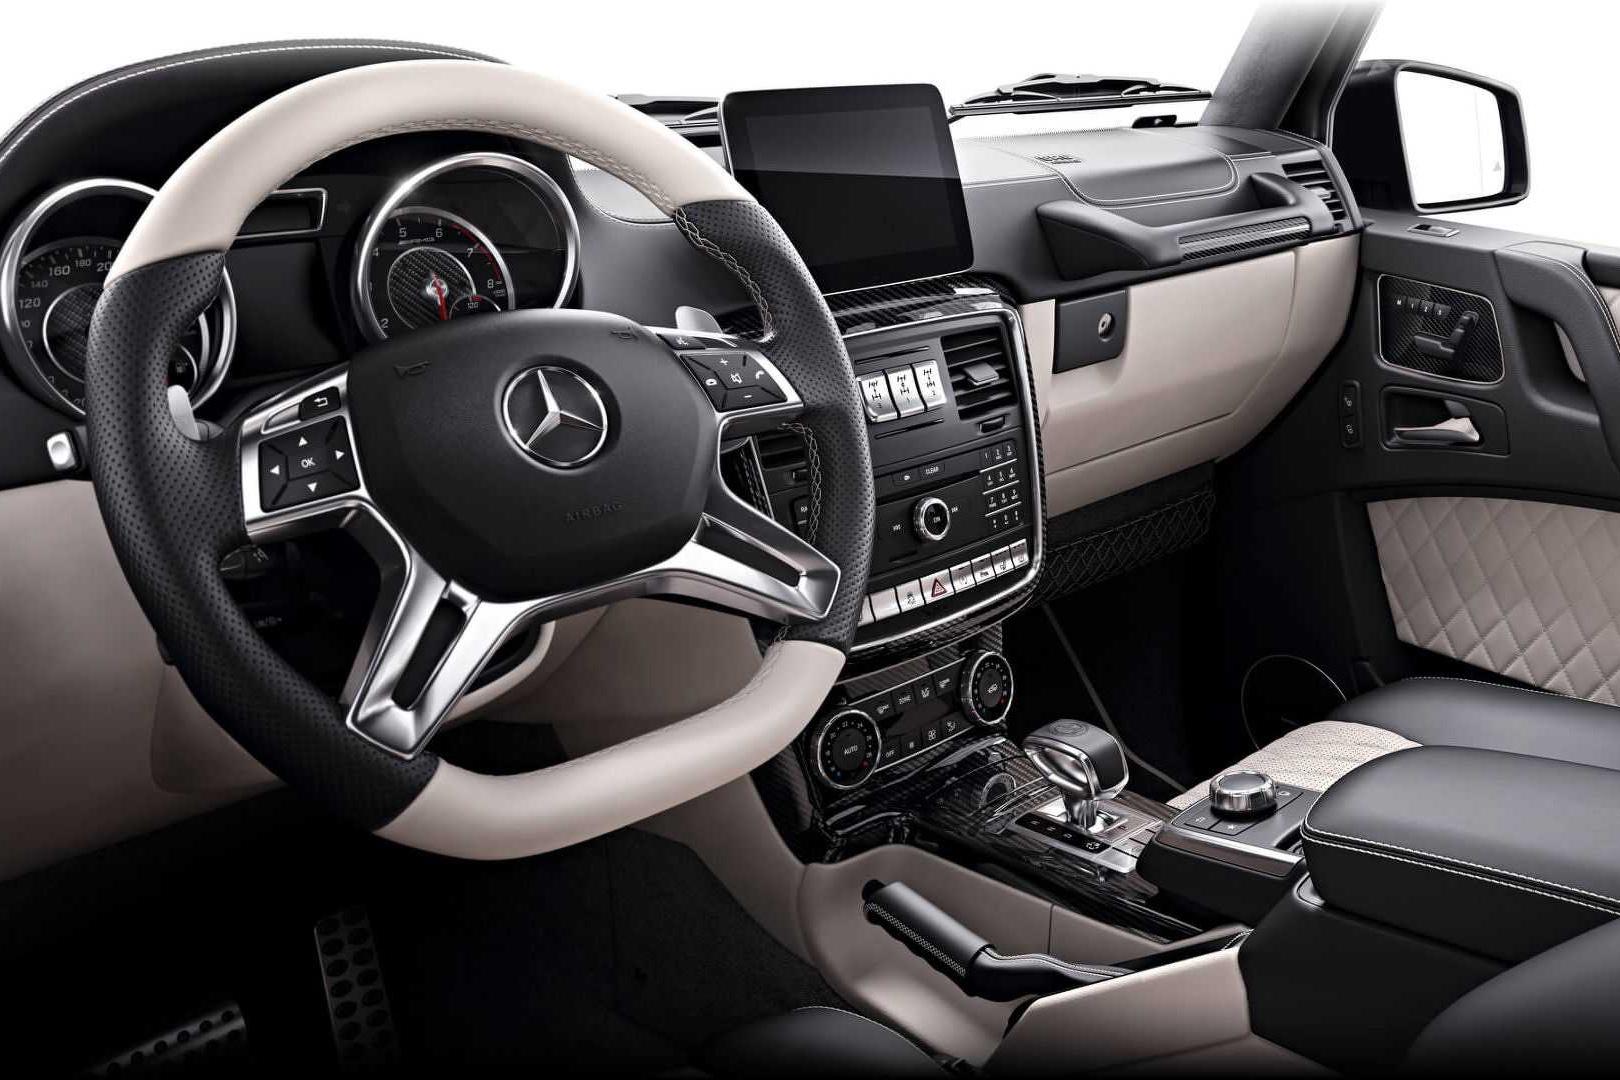 资讯生活50周年Mercedes-AMG纪念版G63车型